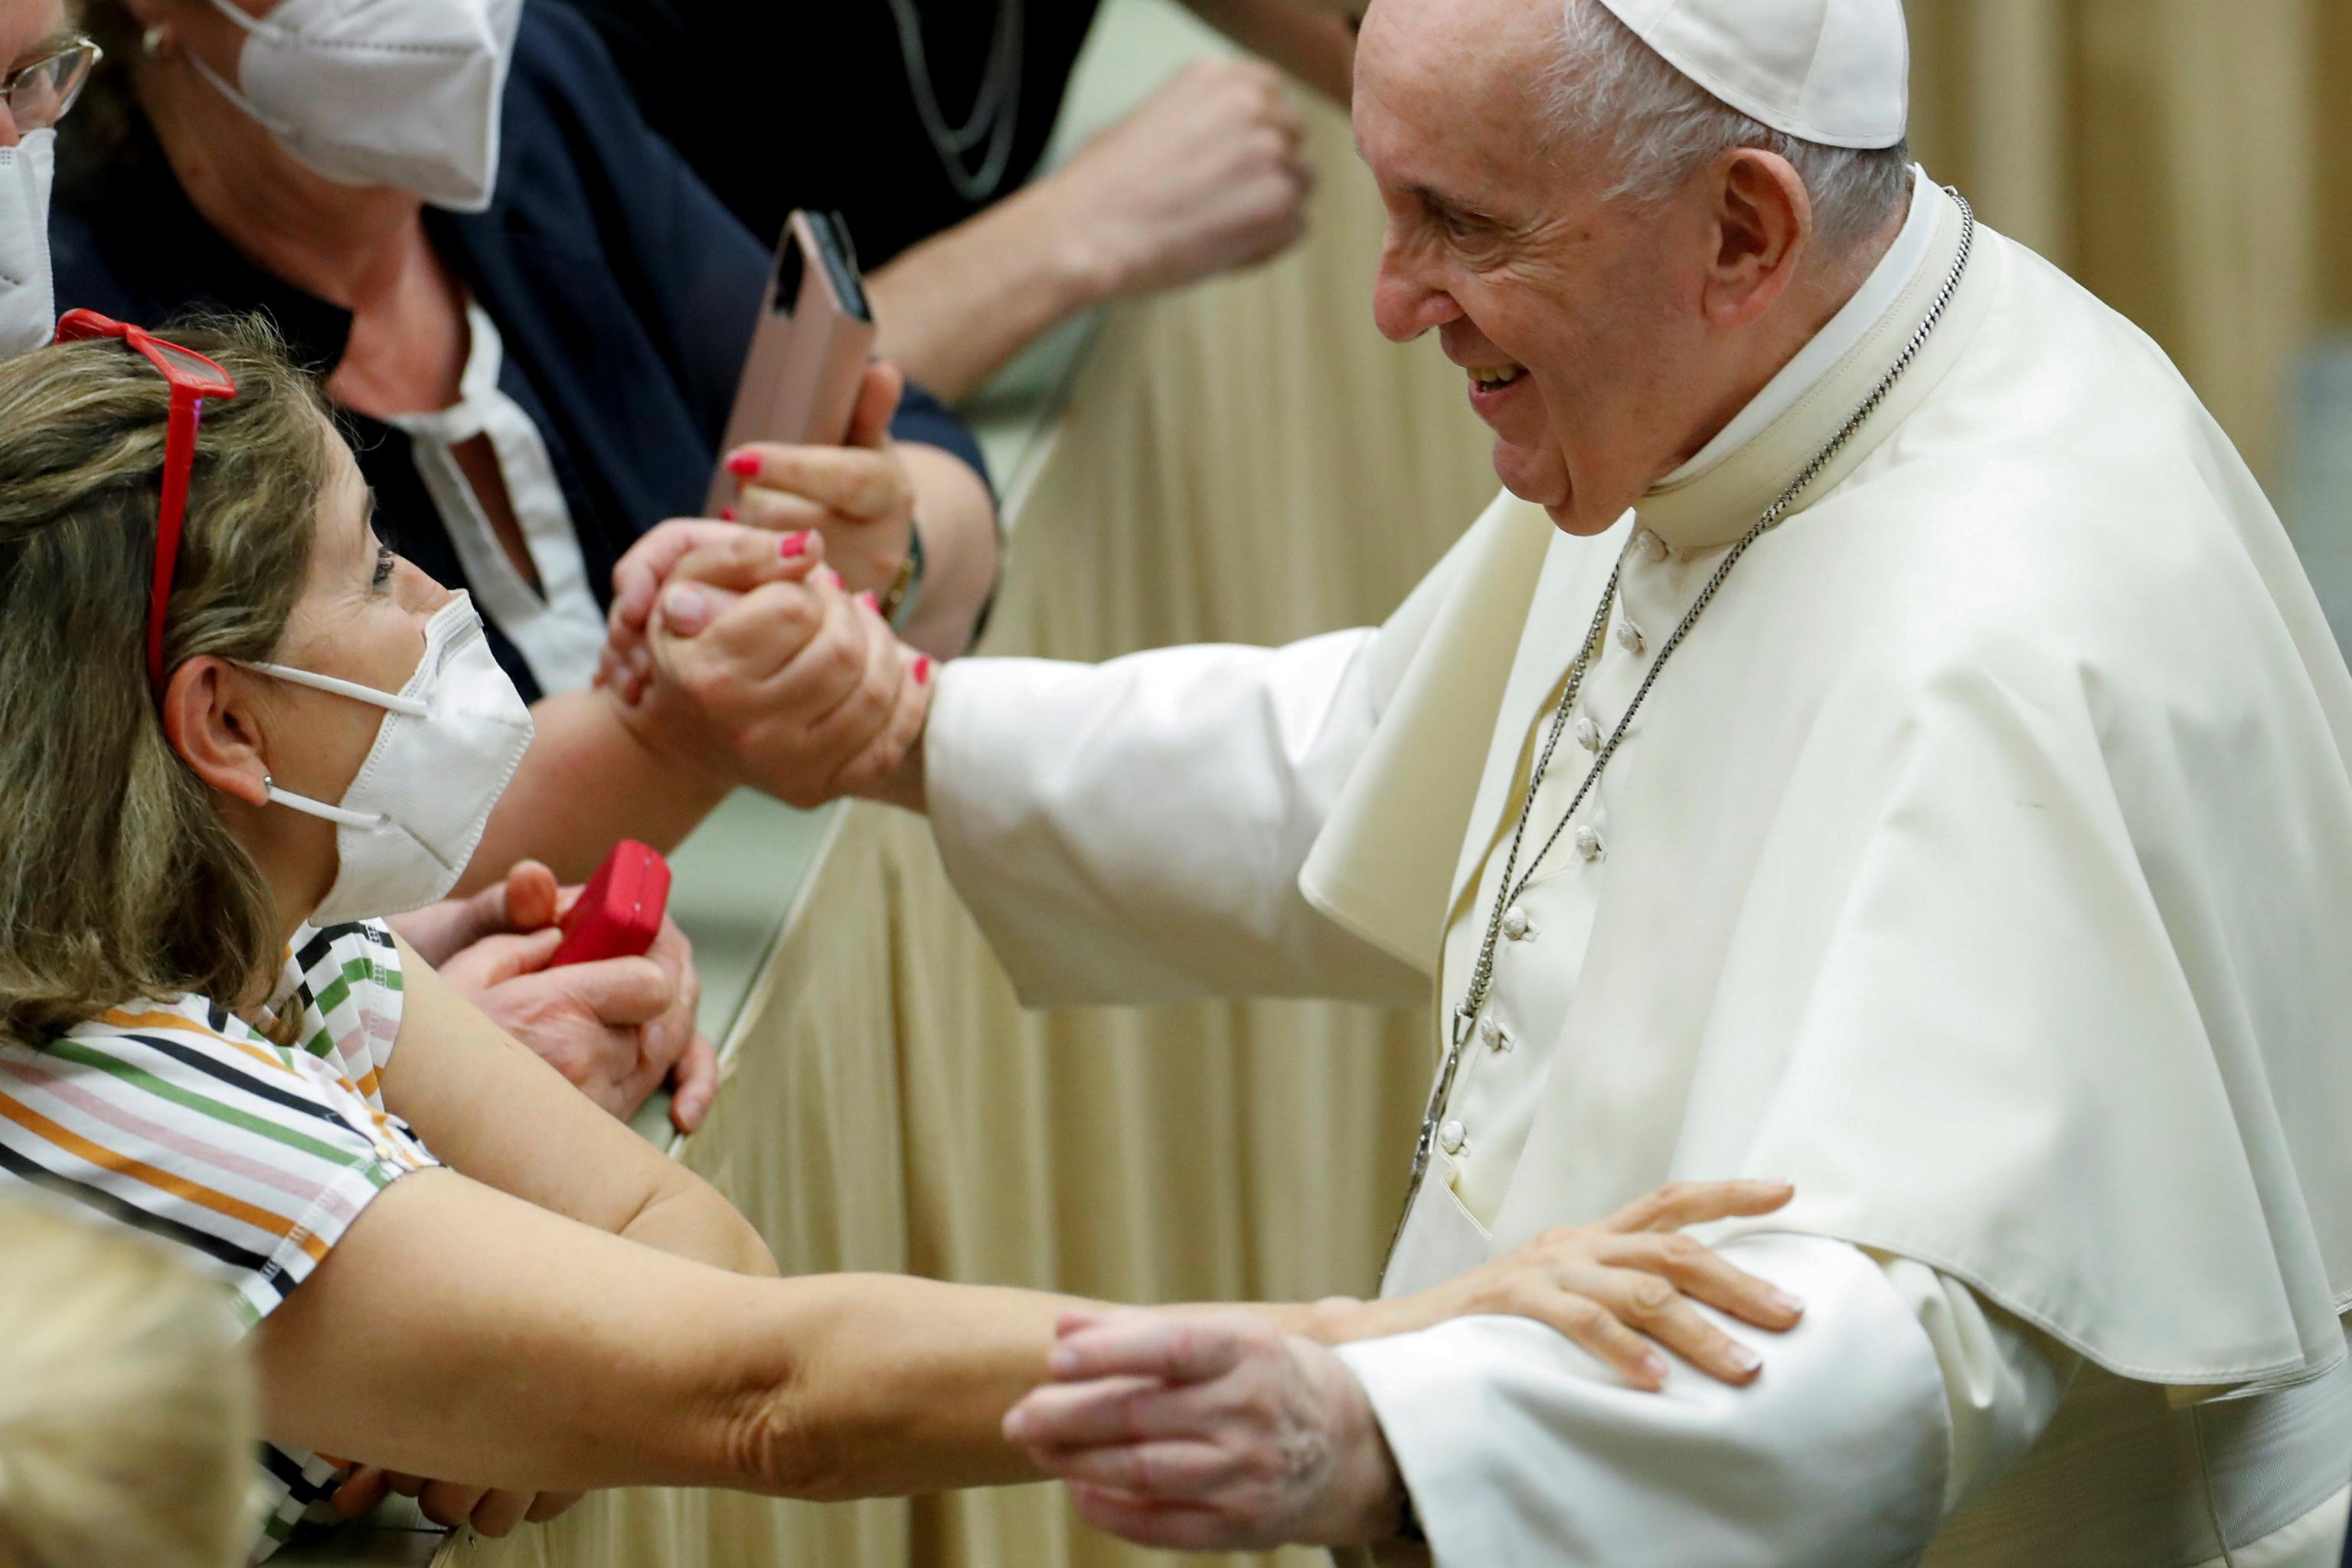 پاپ فرانسیس در پایان حضار عمومی هفتگی در کلاس درس پل ششم در واتیکان خوش آمد می گوید.